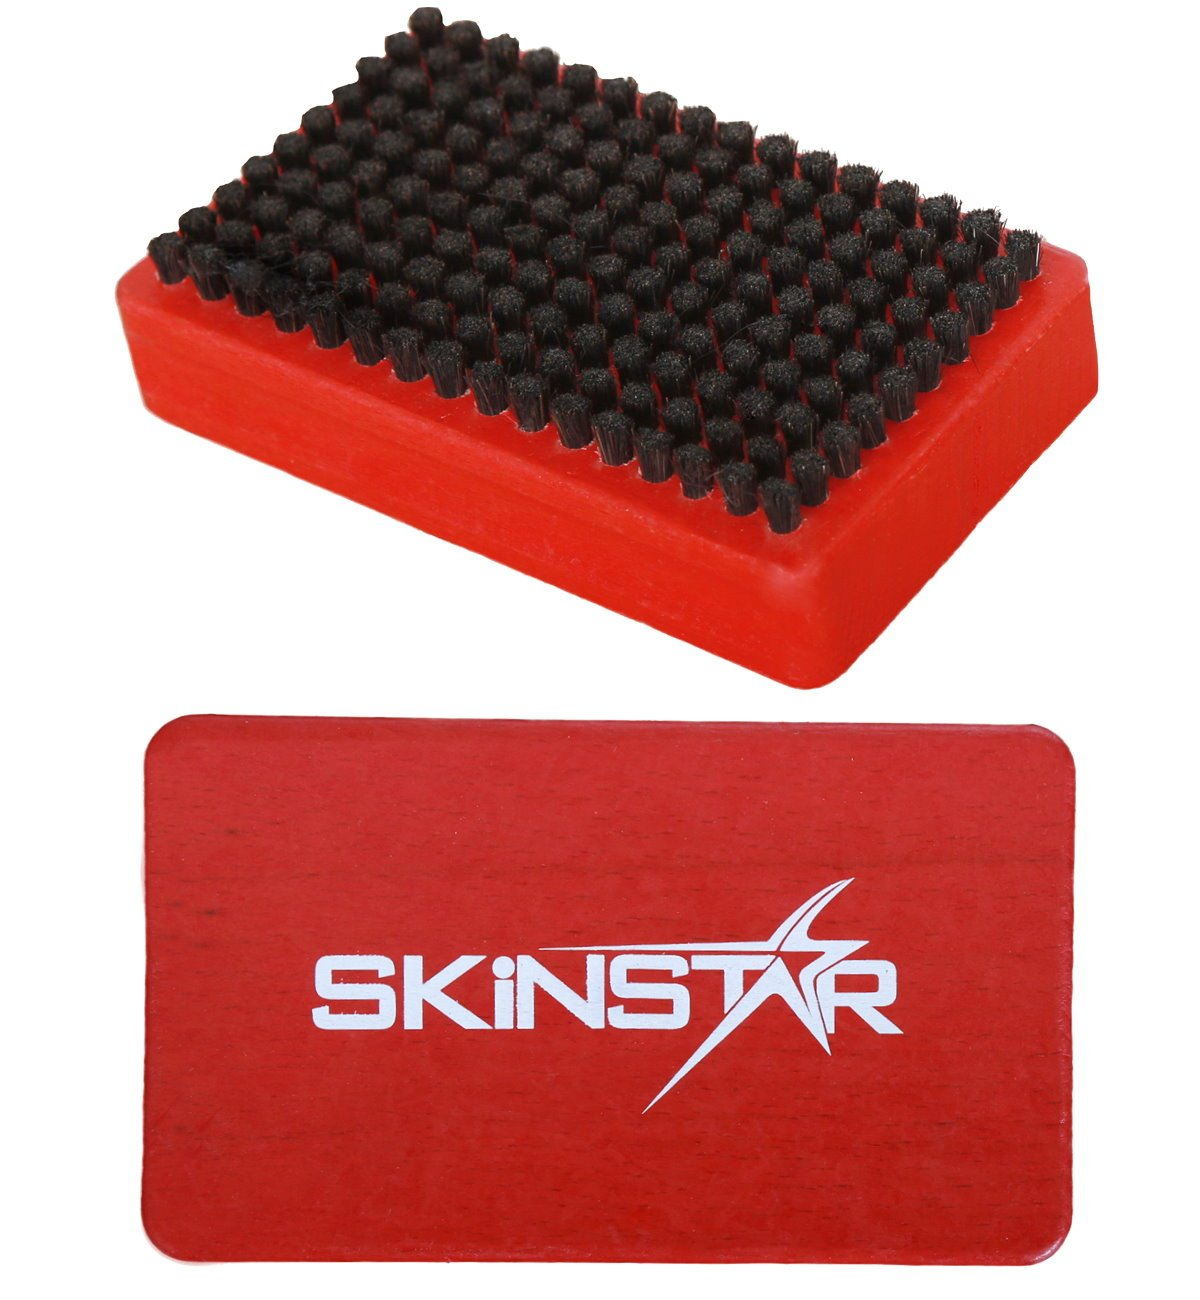 Kufper//Bronze rot Rooshaar u SkinStar 3er Set Ski Belagsbürsten BaseBrush Nylon